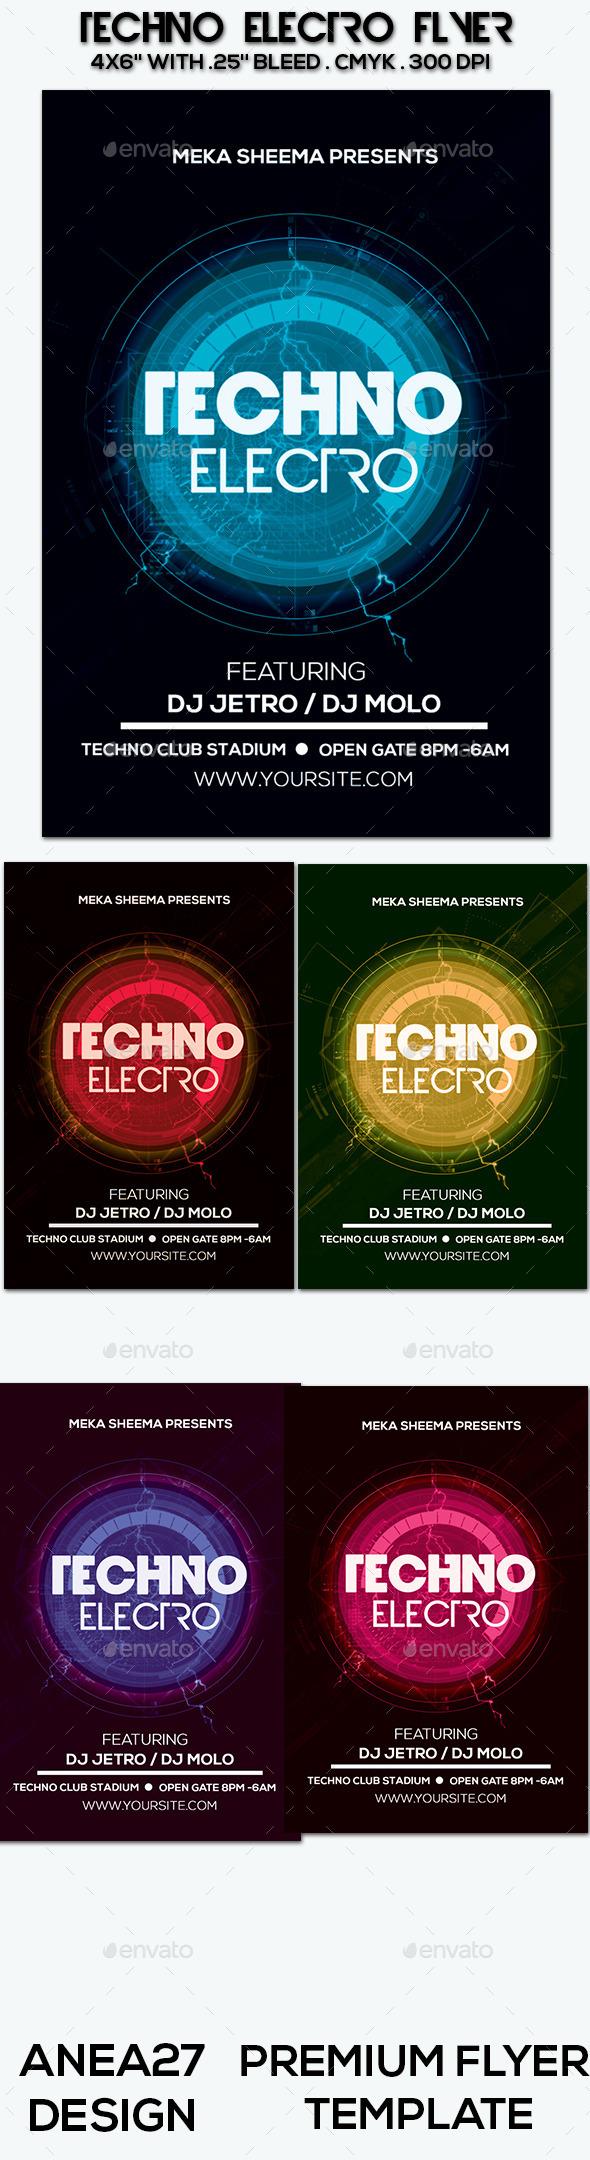 GraphicRiver Techno Electro Flyer 9655738